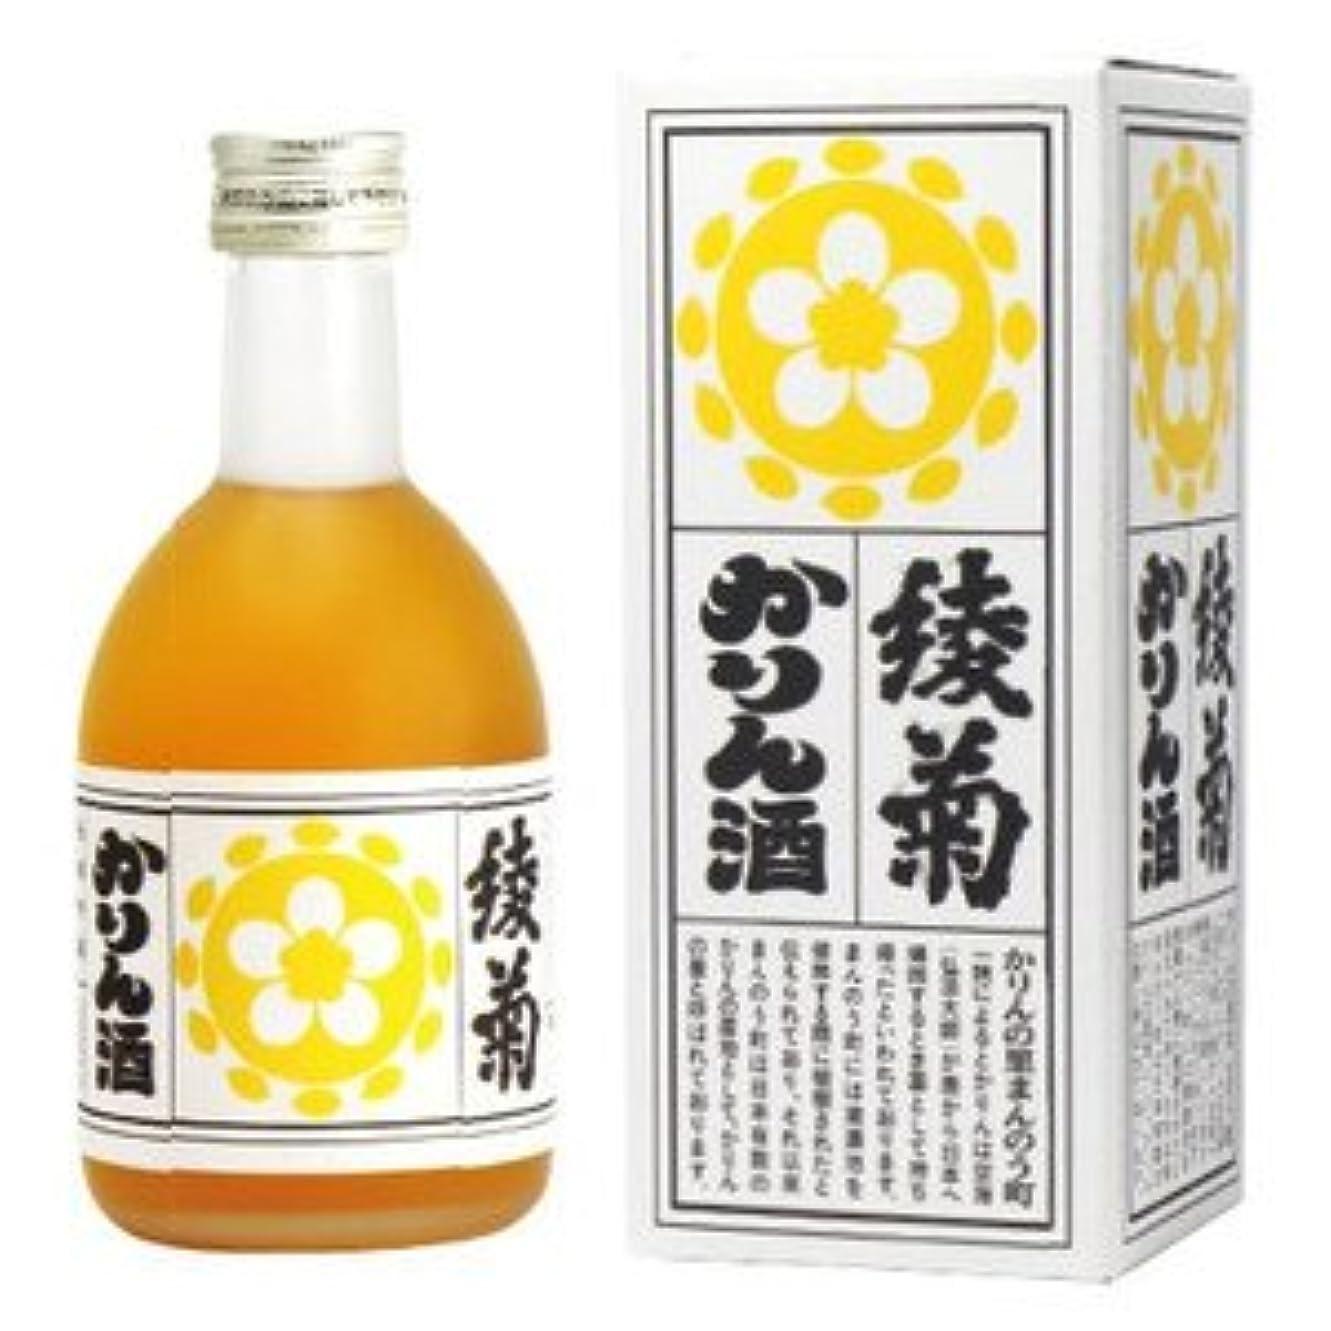 フェードウルルパーツ綾菊 かりん酒300ml